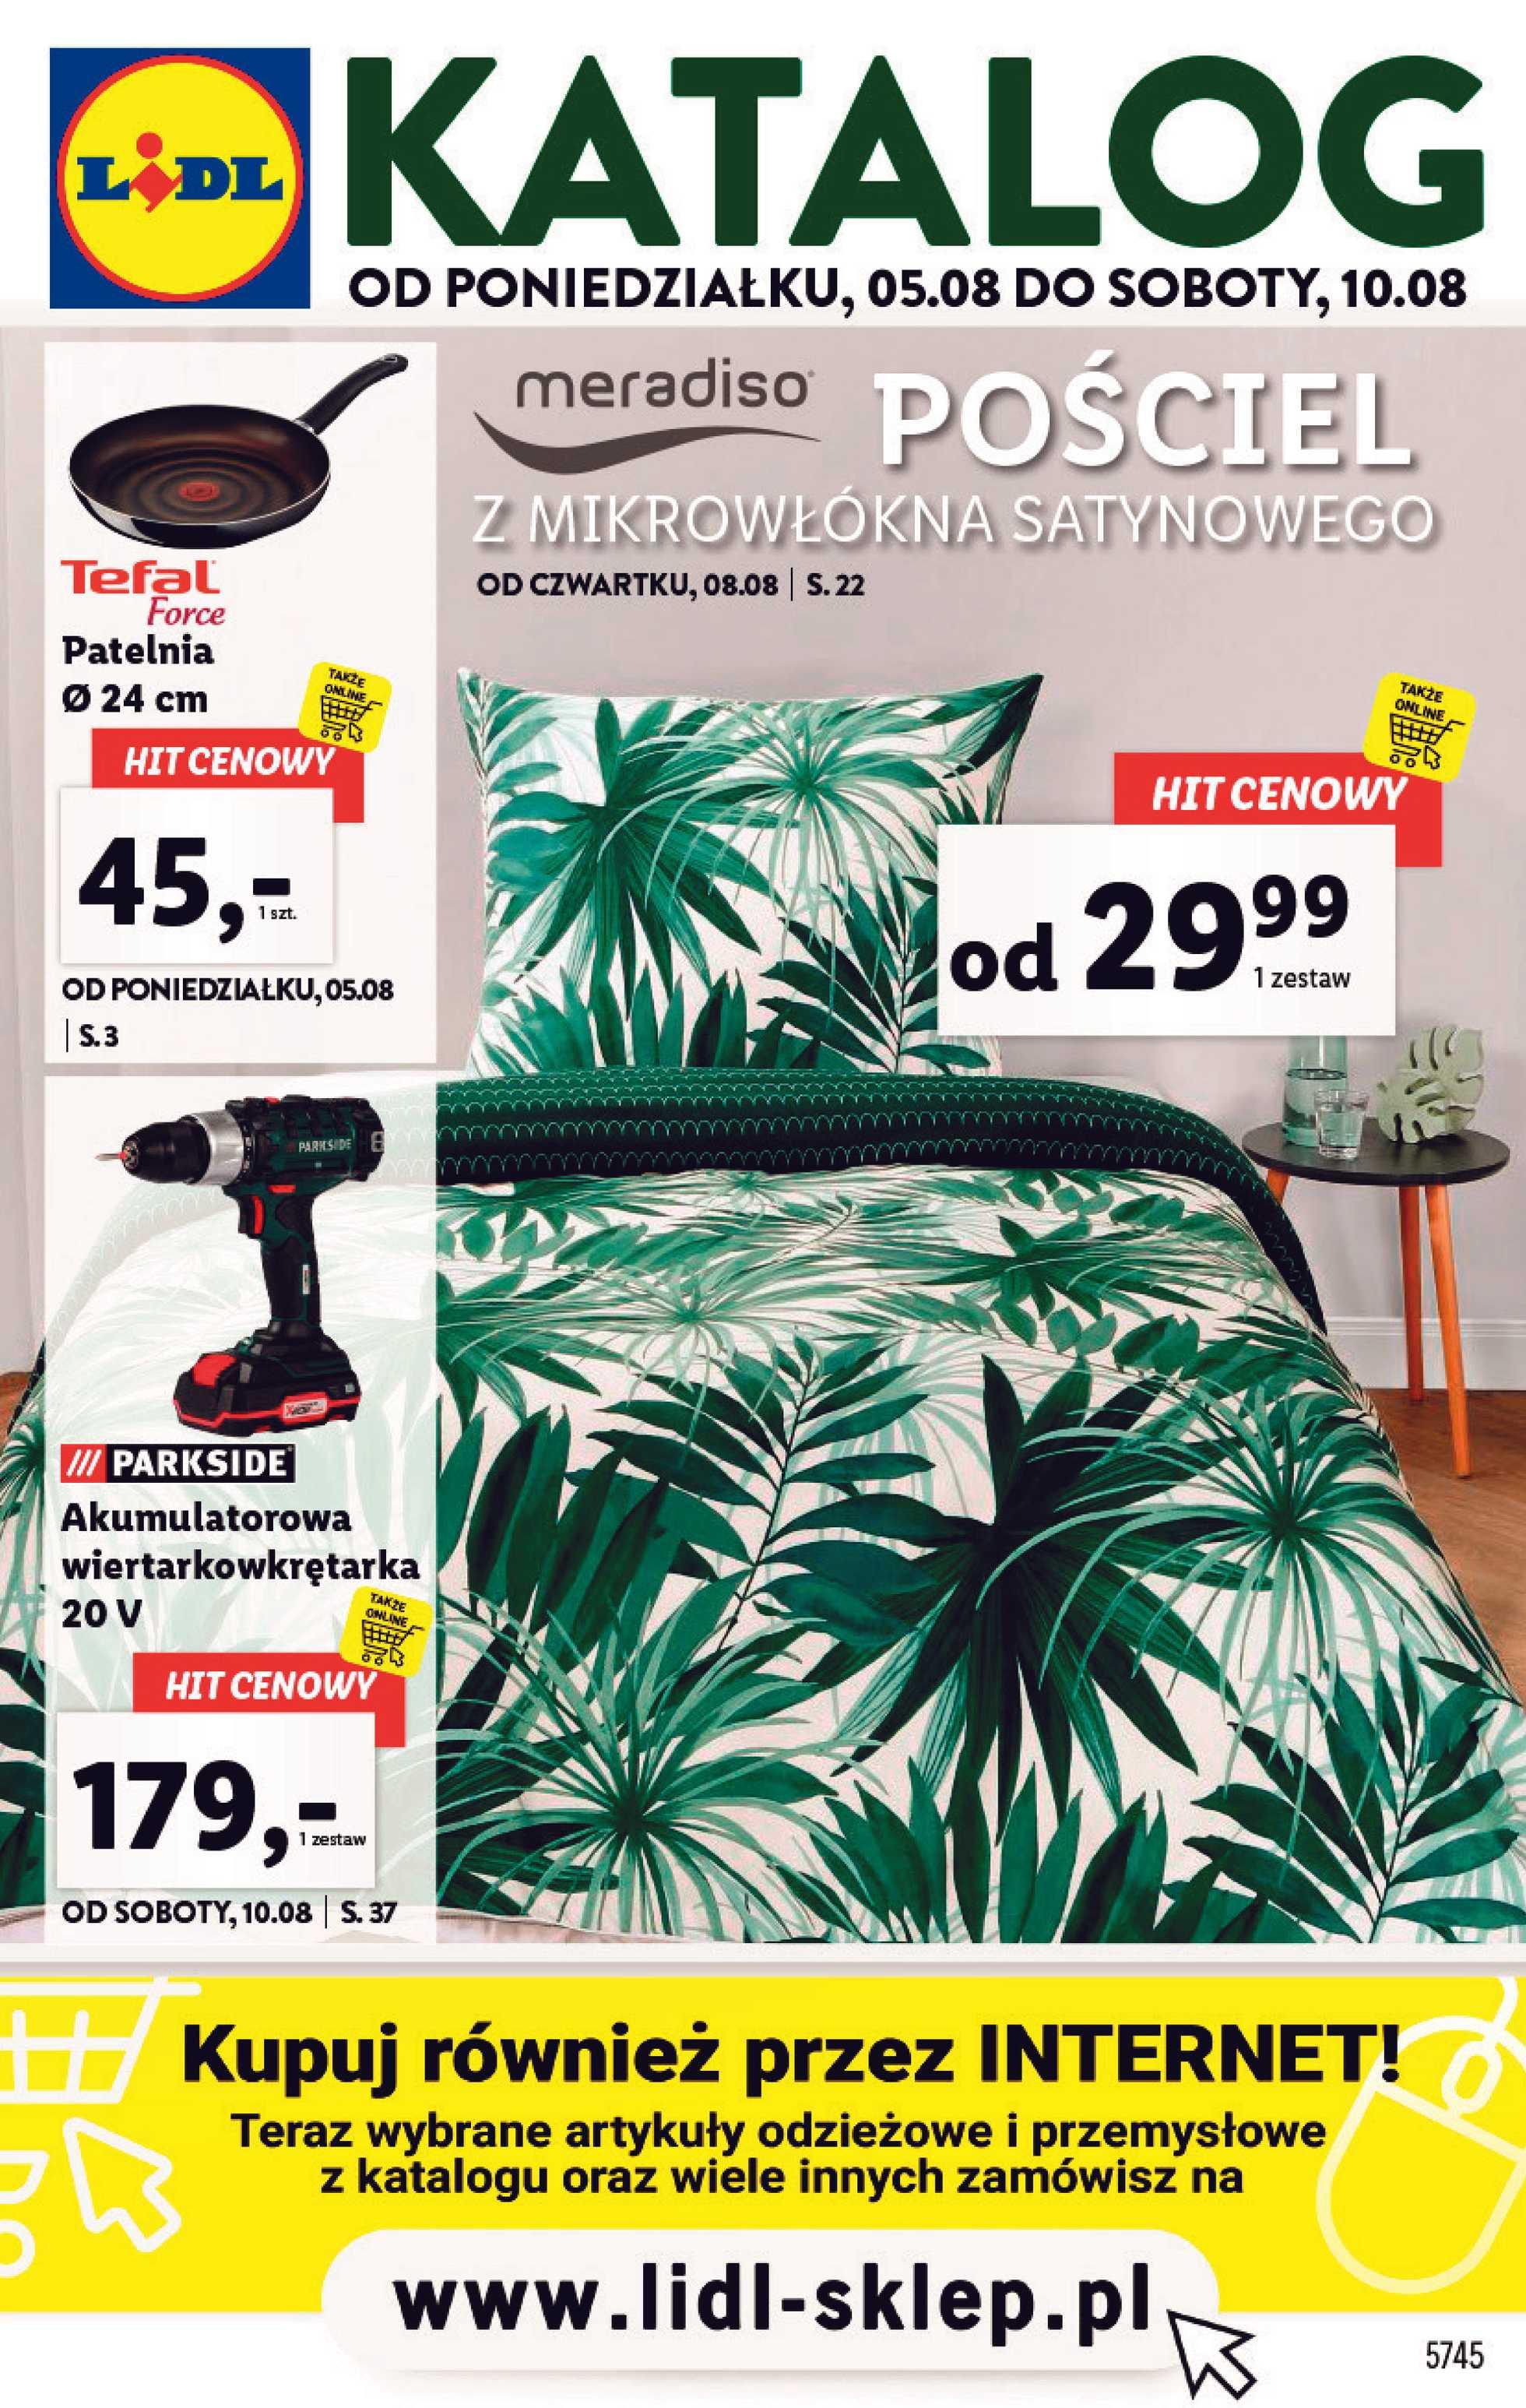 Lidl - gazetka promocyjna ważna od 05.08.2019 do 10.08.2019 - strona 1.